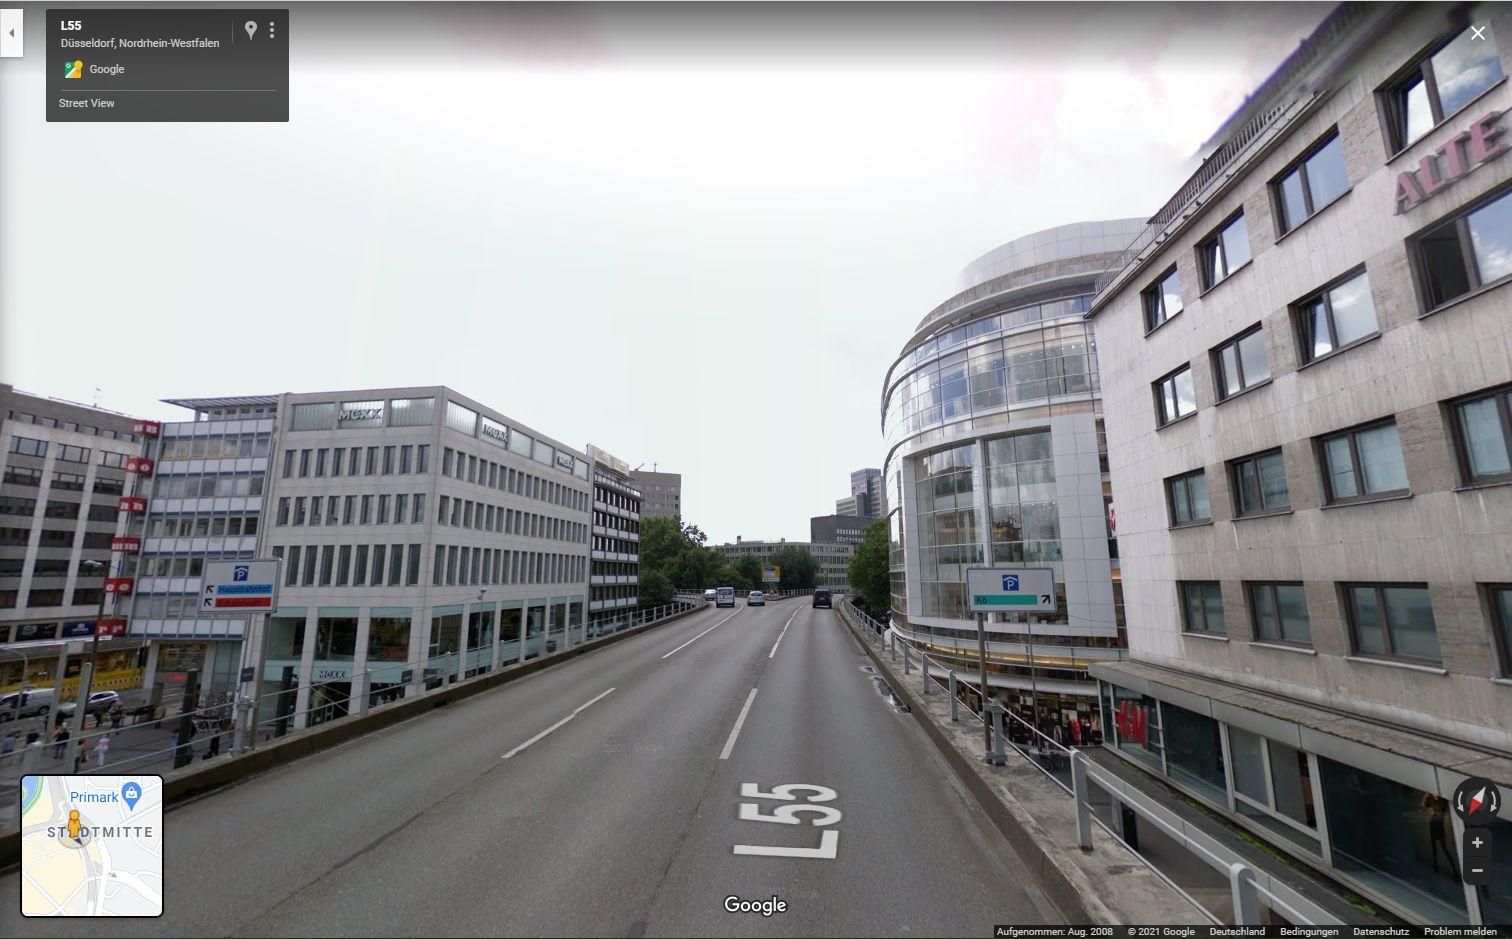 Google Streetview 2008: Eine Fahrt über den Tausendfüssler